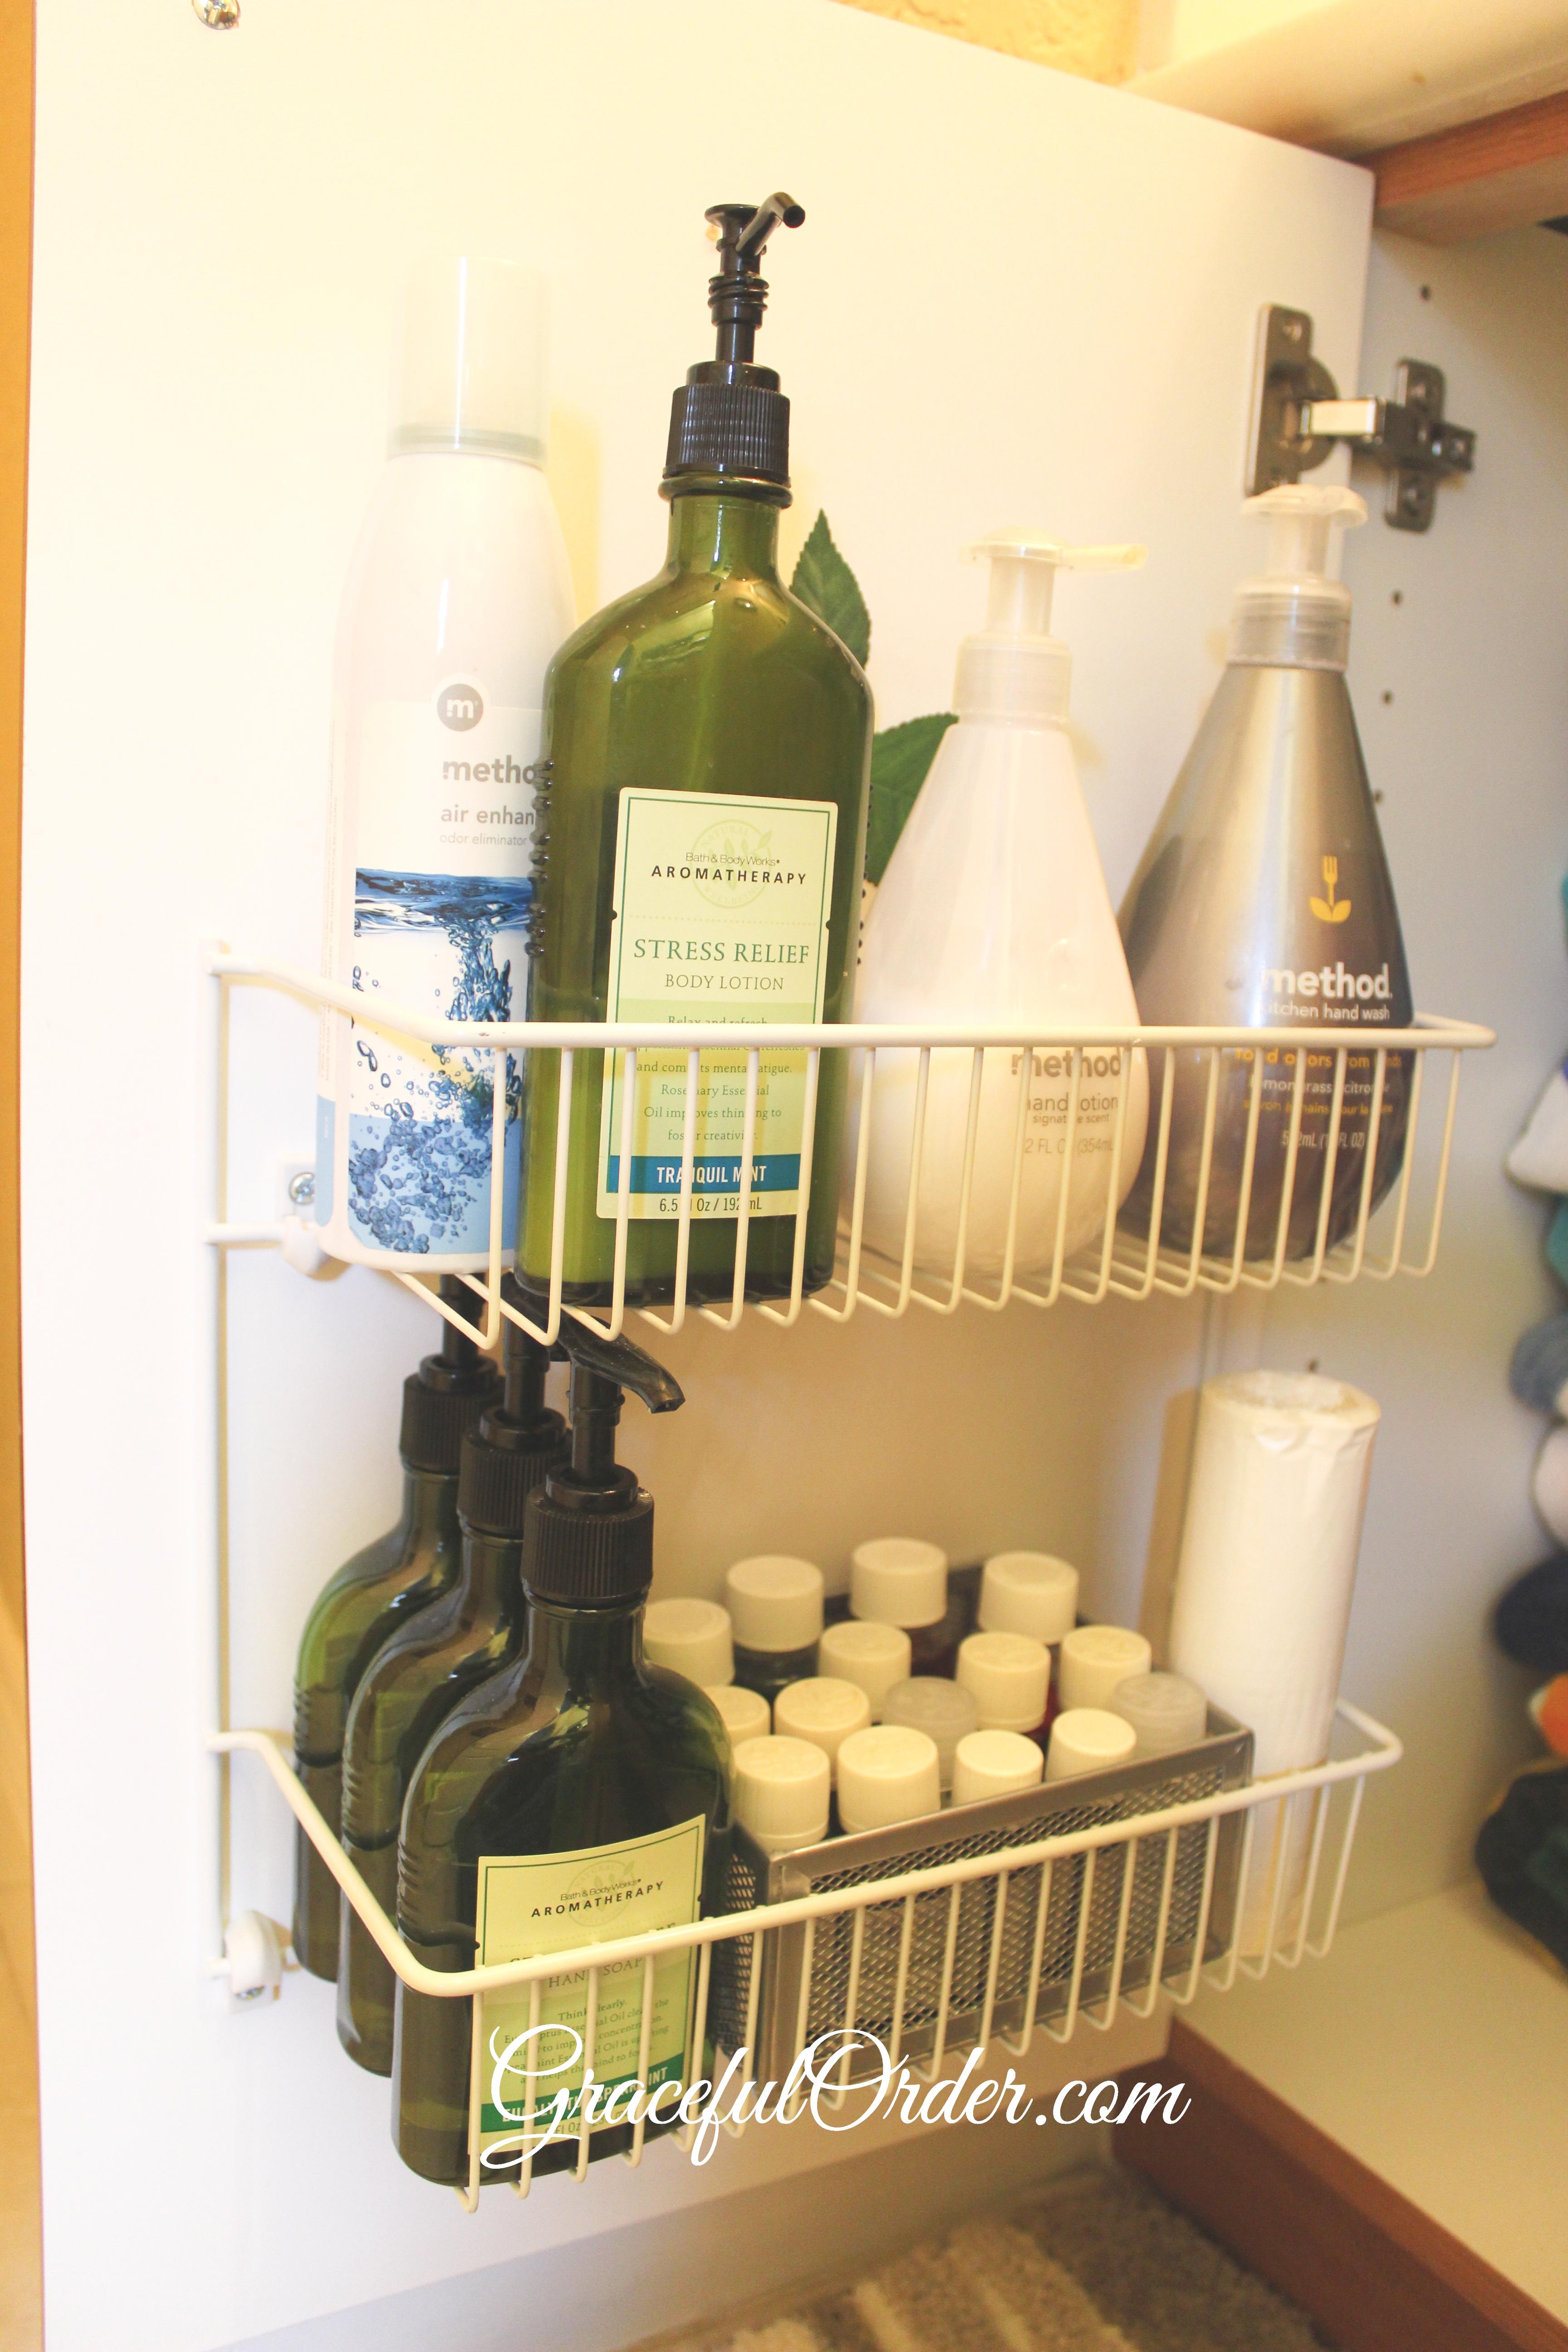 Guest Bathroom Organization | Graceful Order